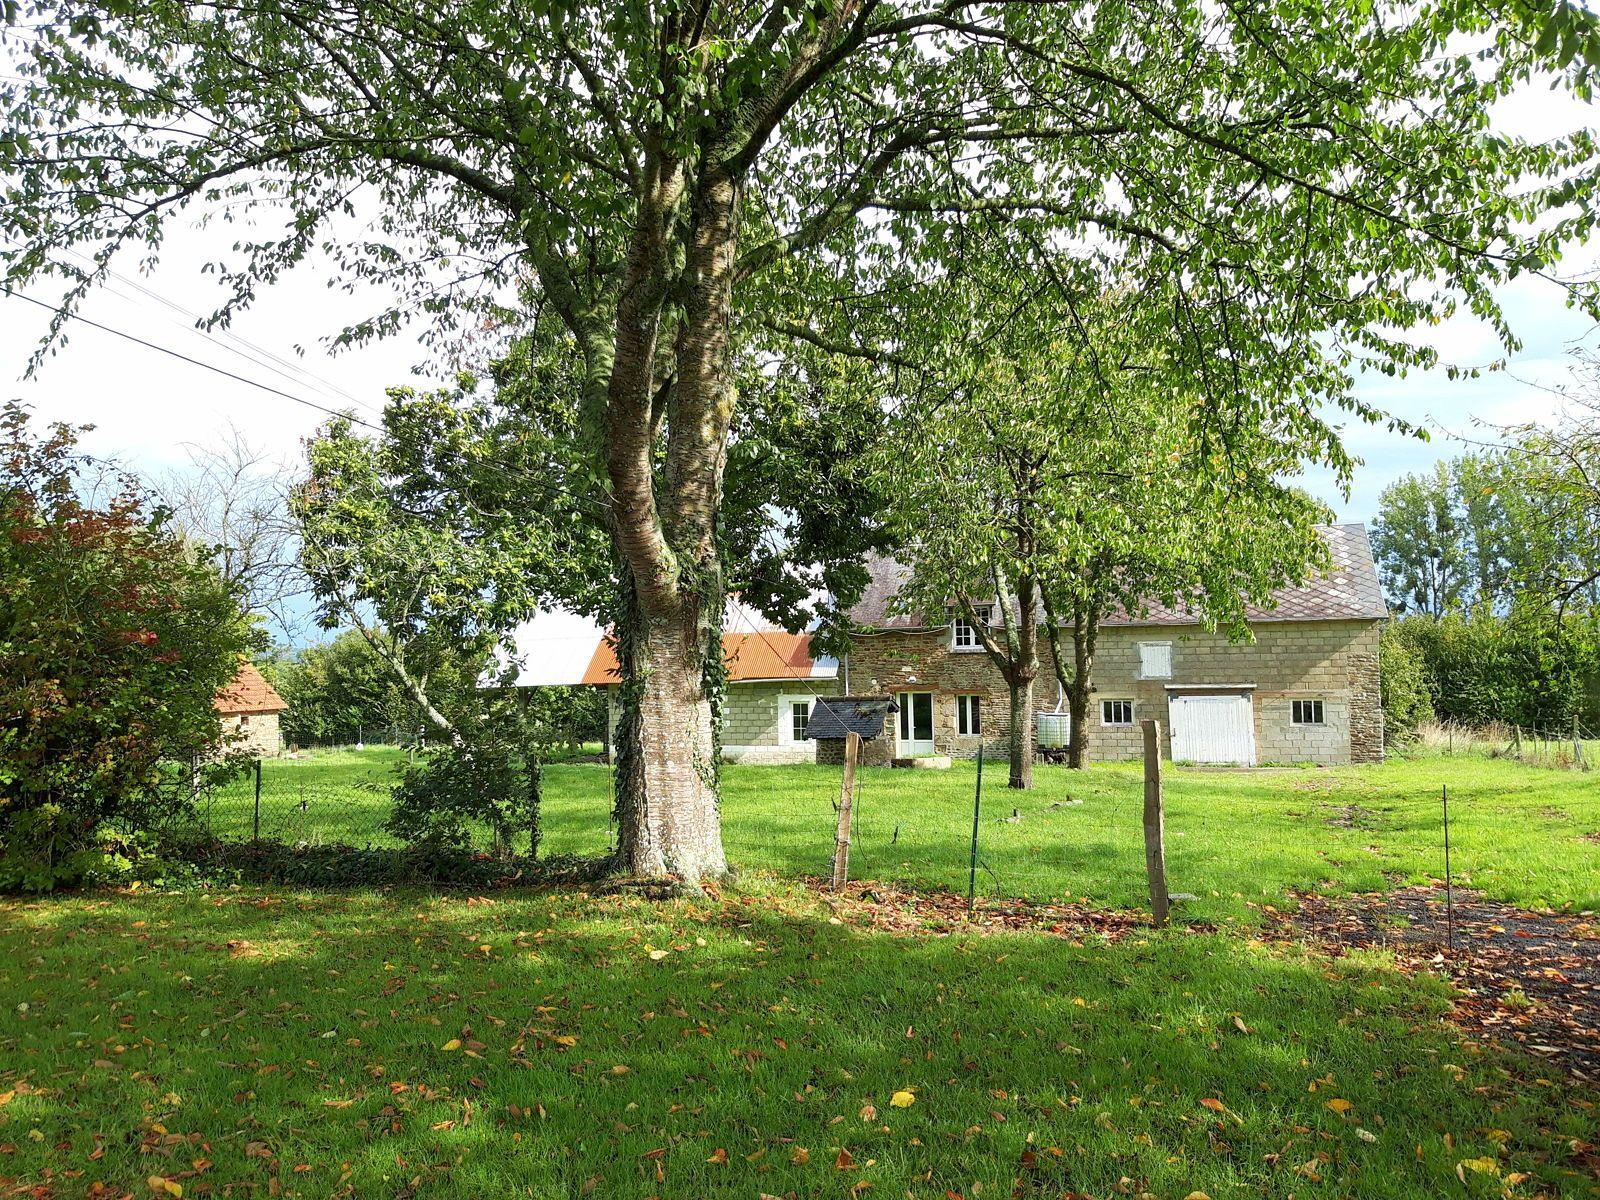 Vends 25mn du Mt St-Michel, maison 101m², 7000m² terrain - 4chambres